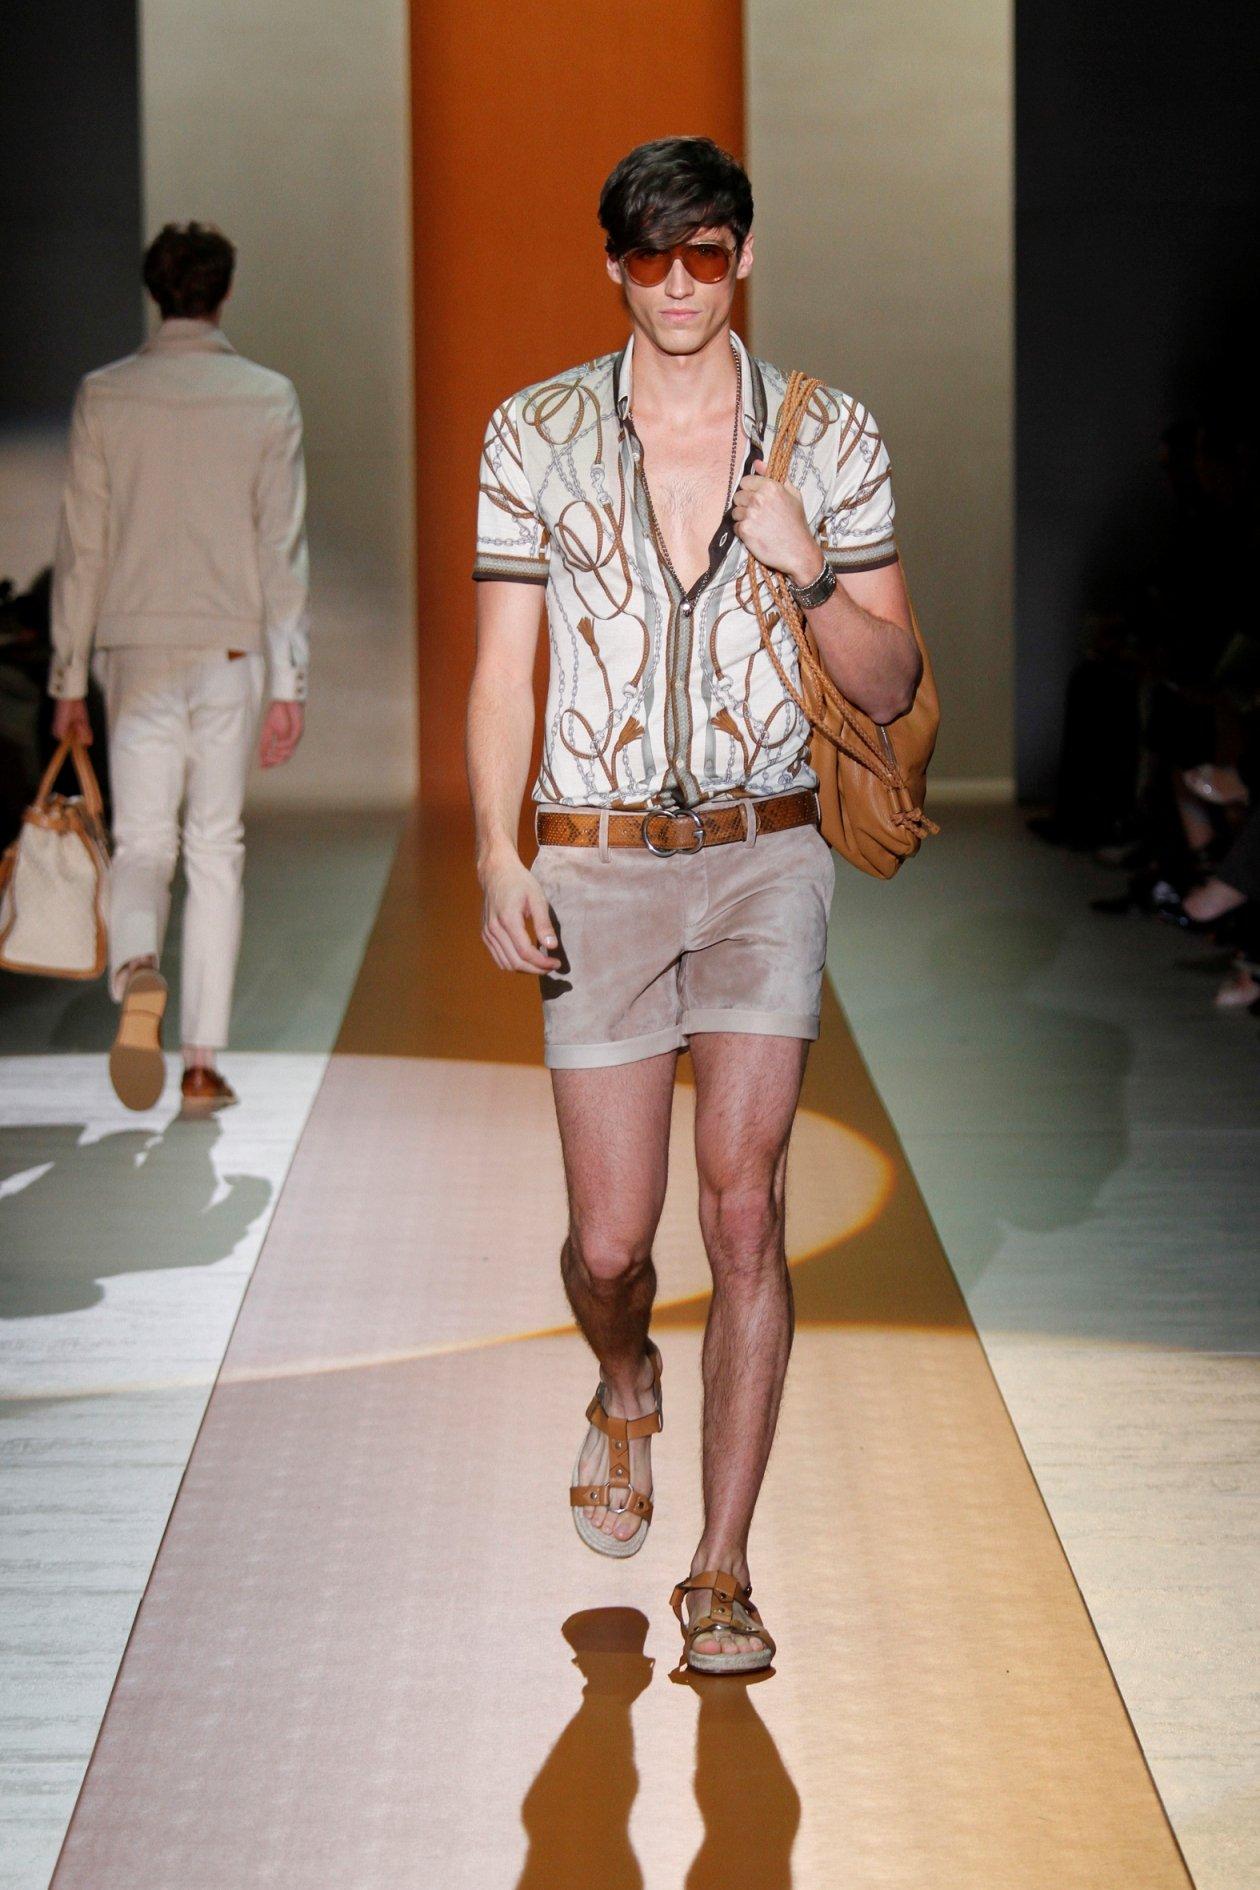 Sei un uomo robusto? Lascia i pantaloncini corti a figure più flessuose!